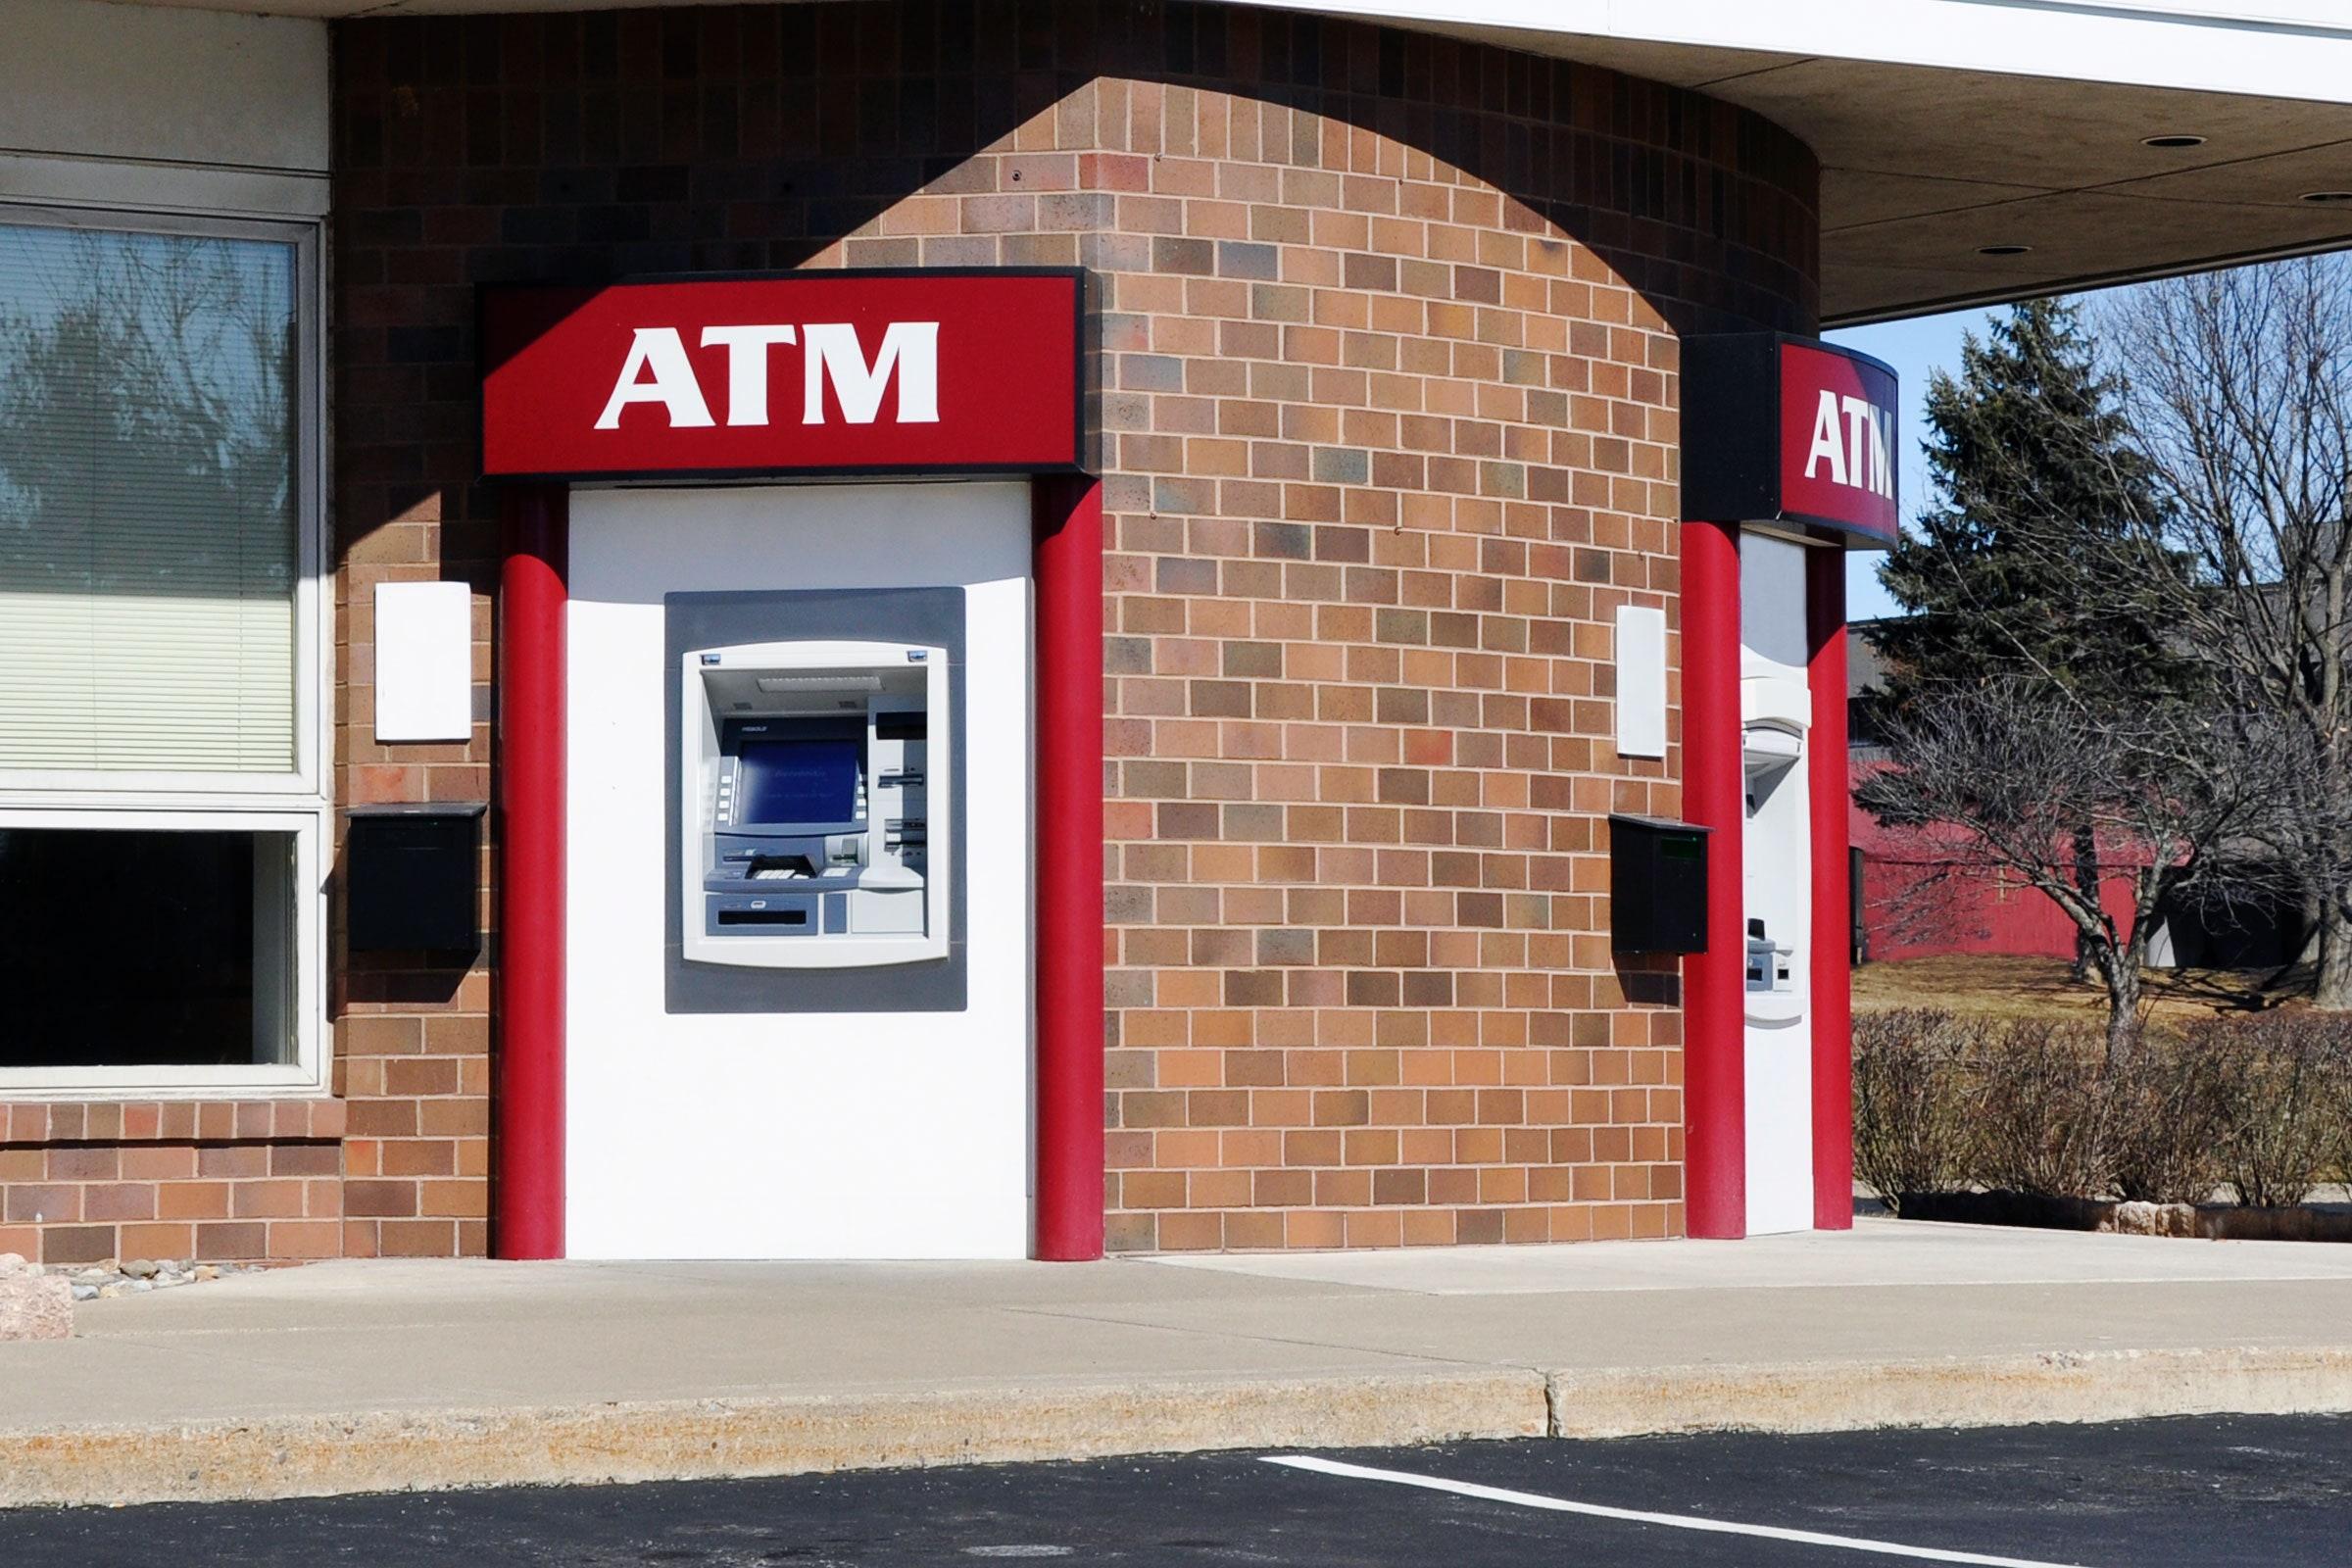 黑客已经掌握攻击ATM的一些巧妙新方法可操纵银行ATM提现